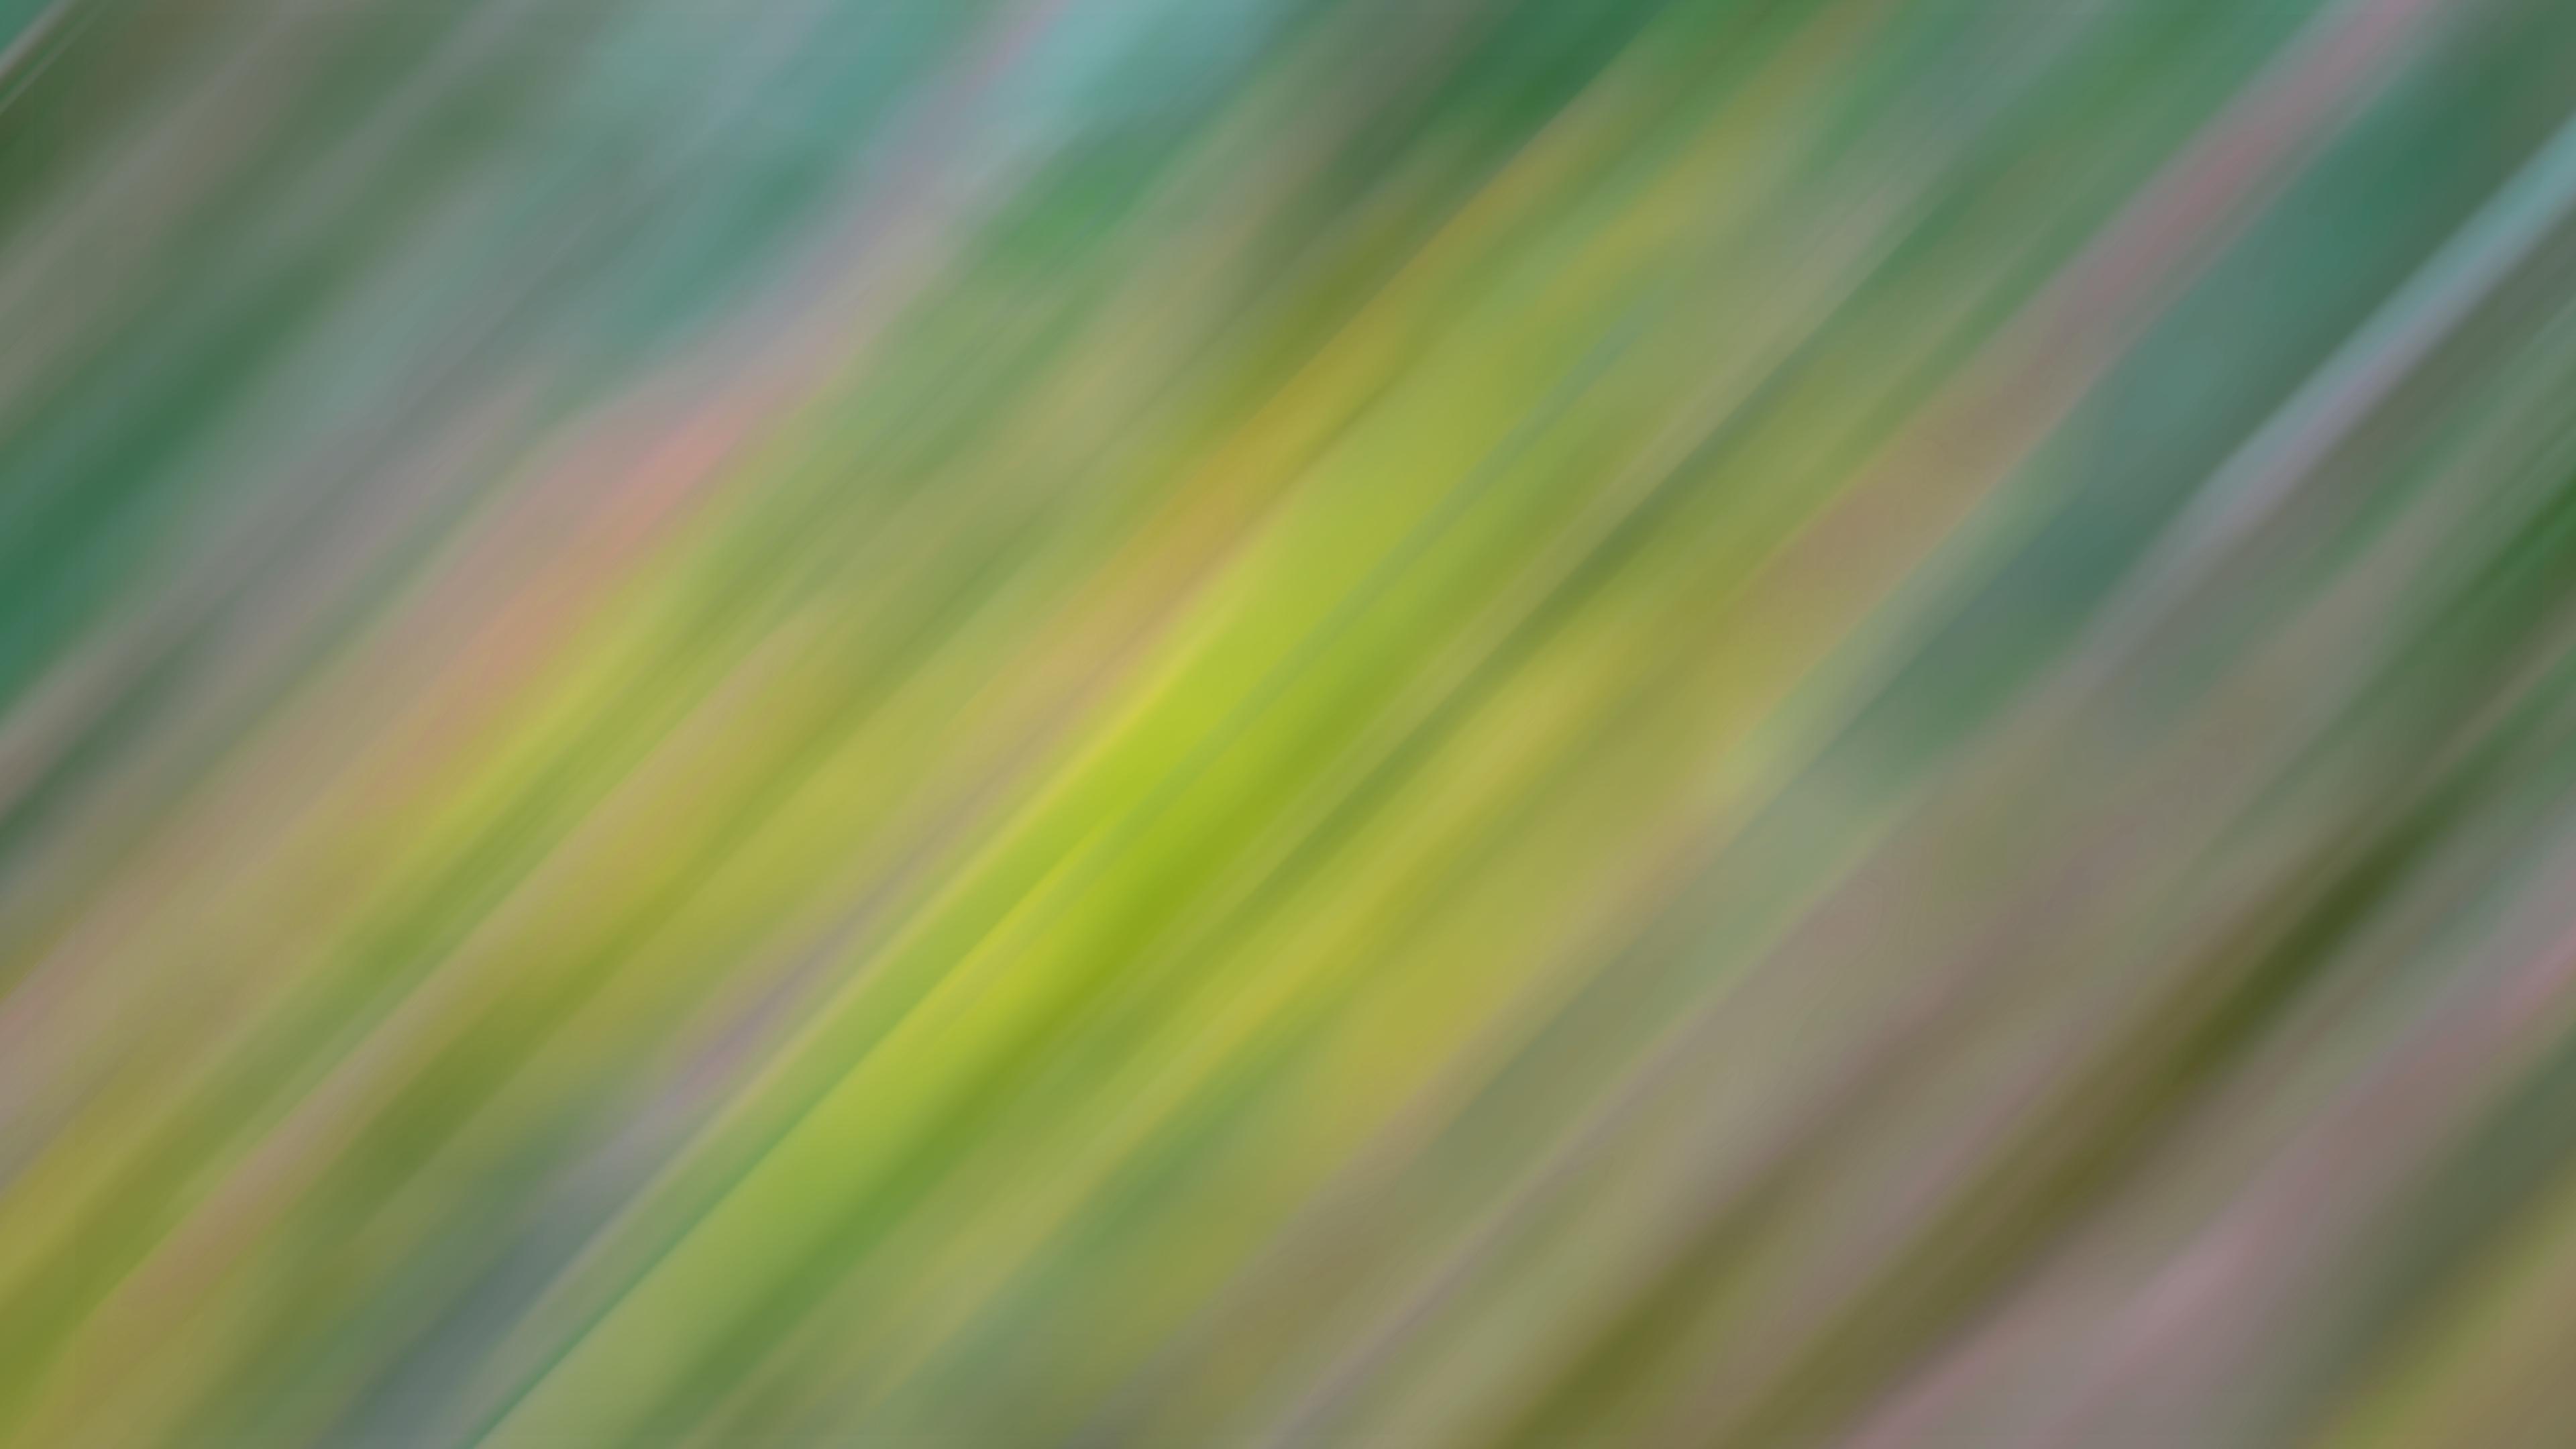 green motion abstract 4k 1555207885 - Green Motion Abstract 4k - hd-wallpapers, green wallpapers, deviantart wallpapers, abstract wallpapers, 5k wallpapers, 4k-wallpapers